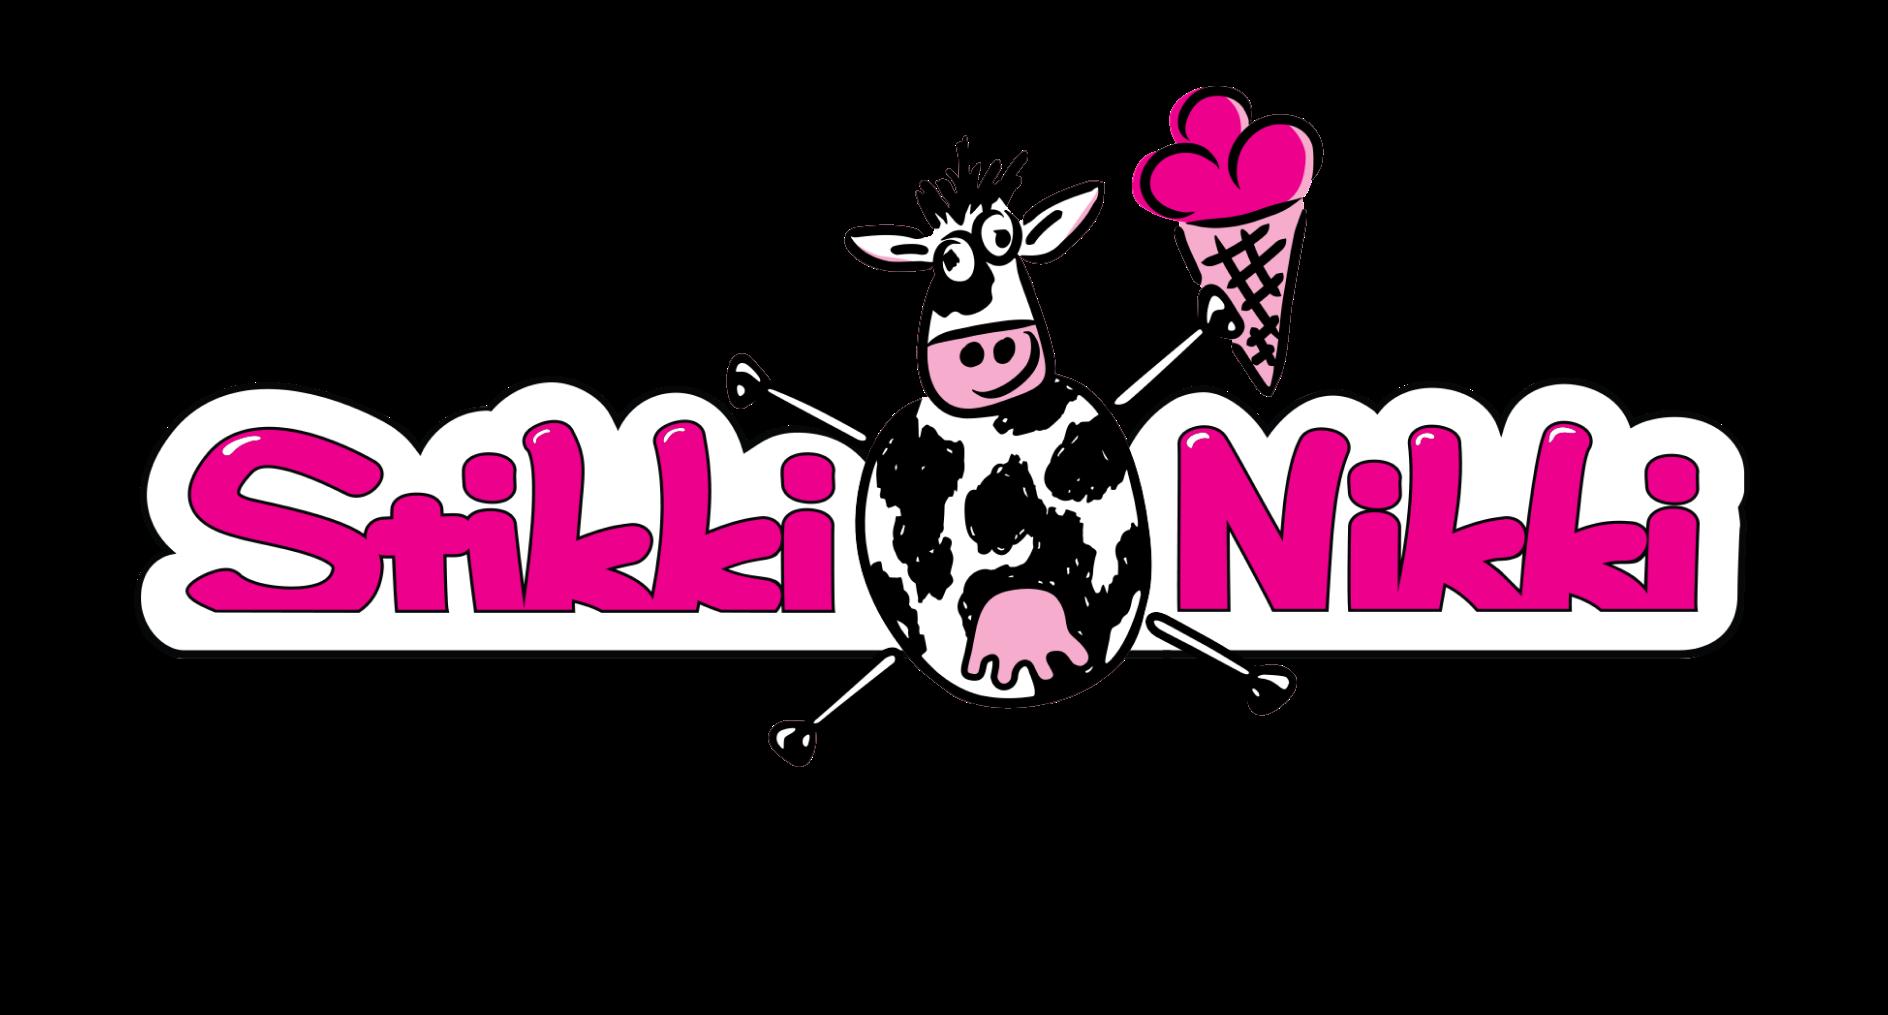 StikkiNikki's logo